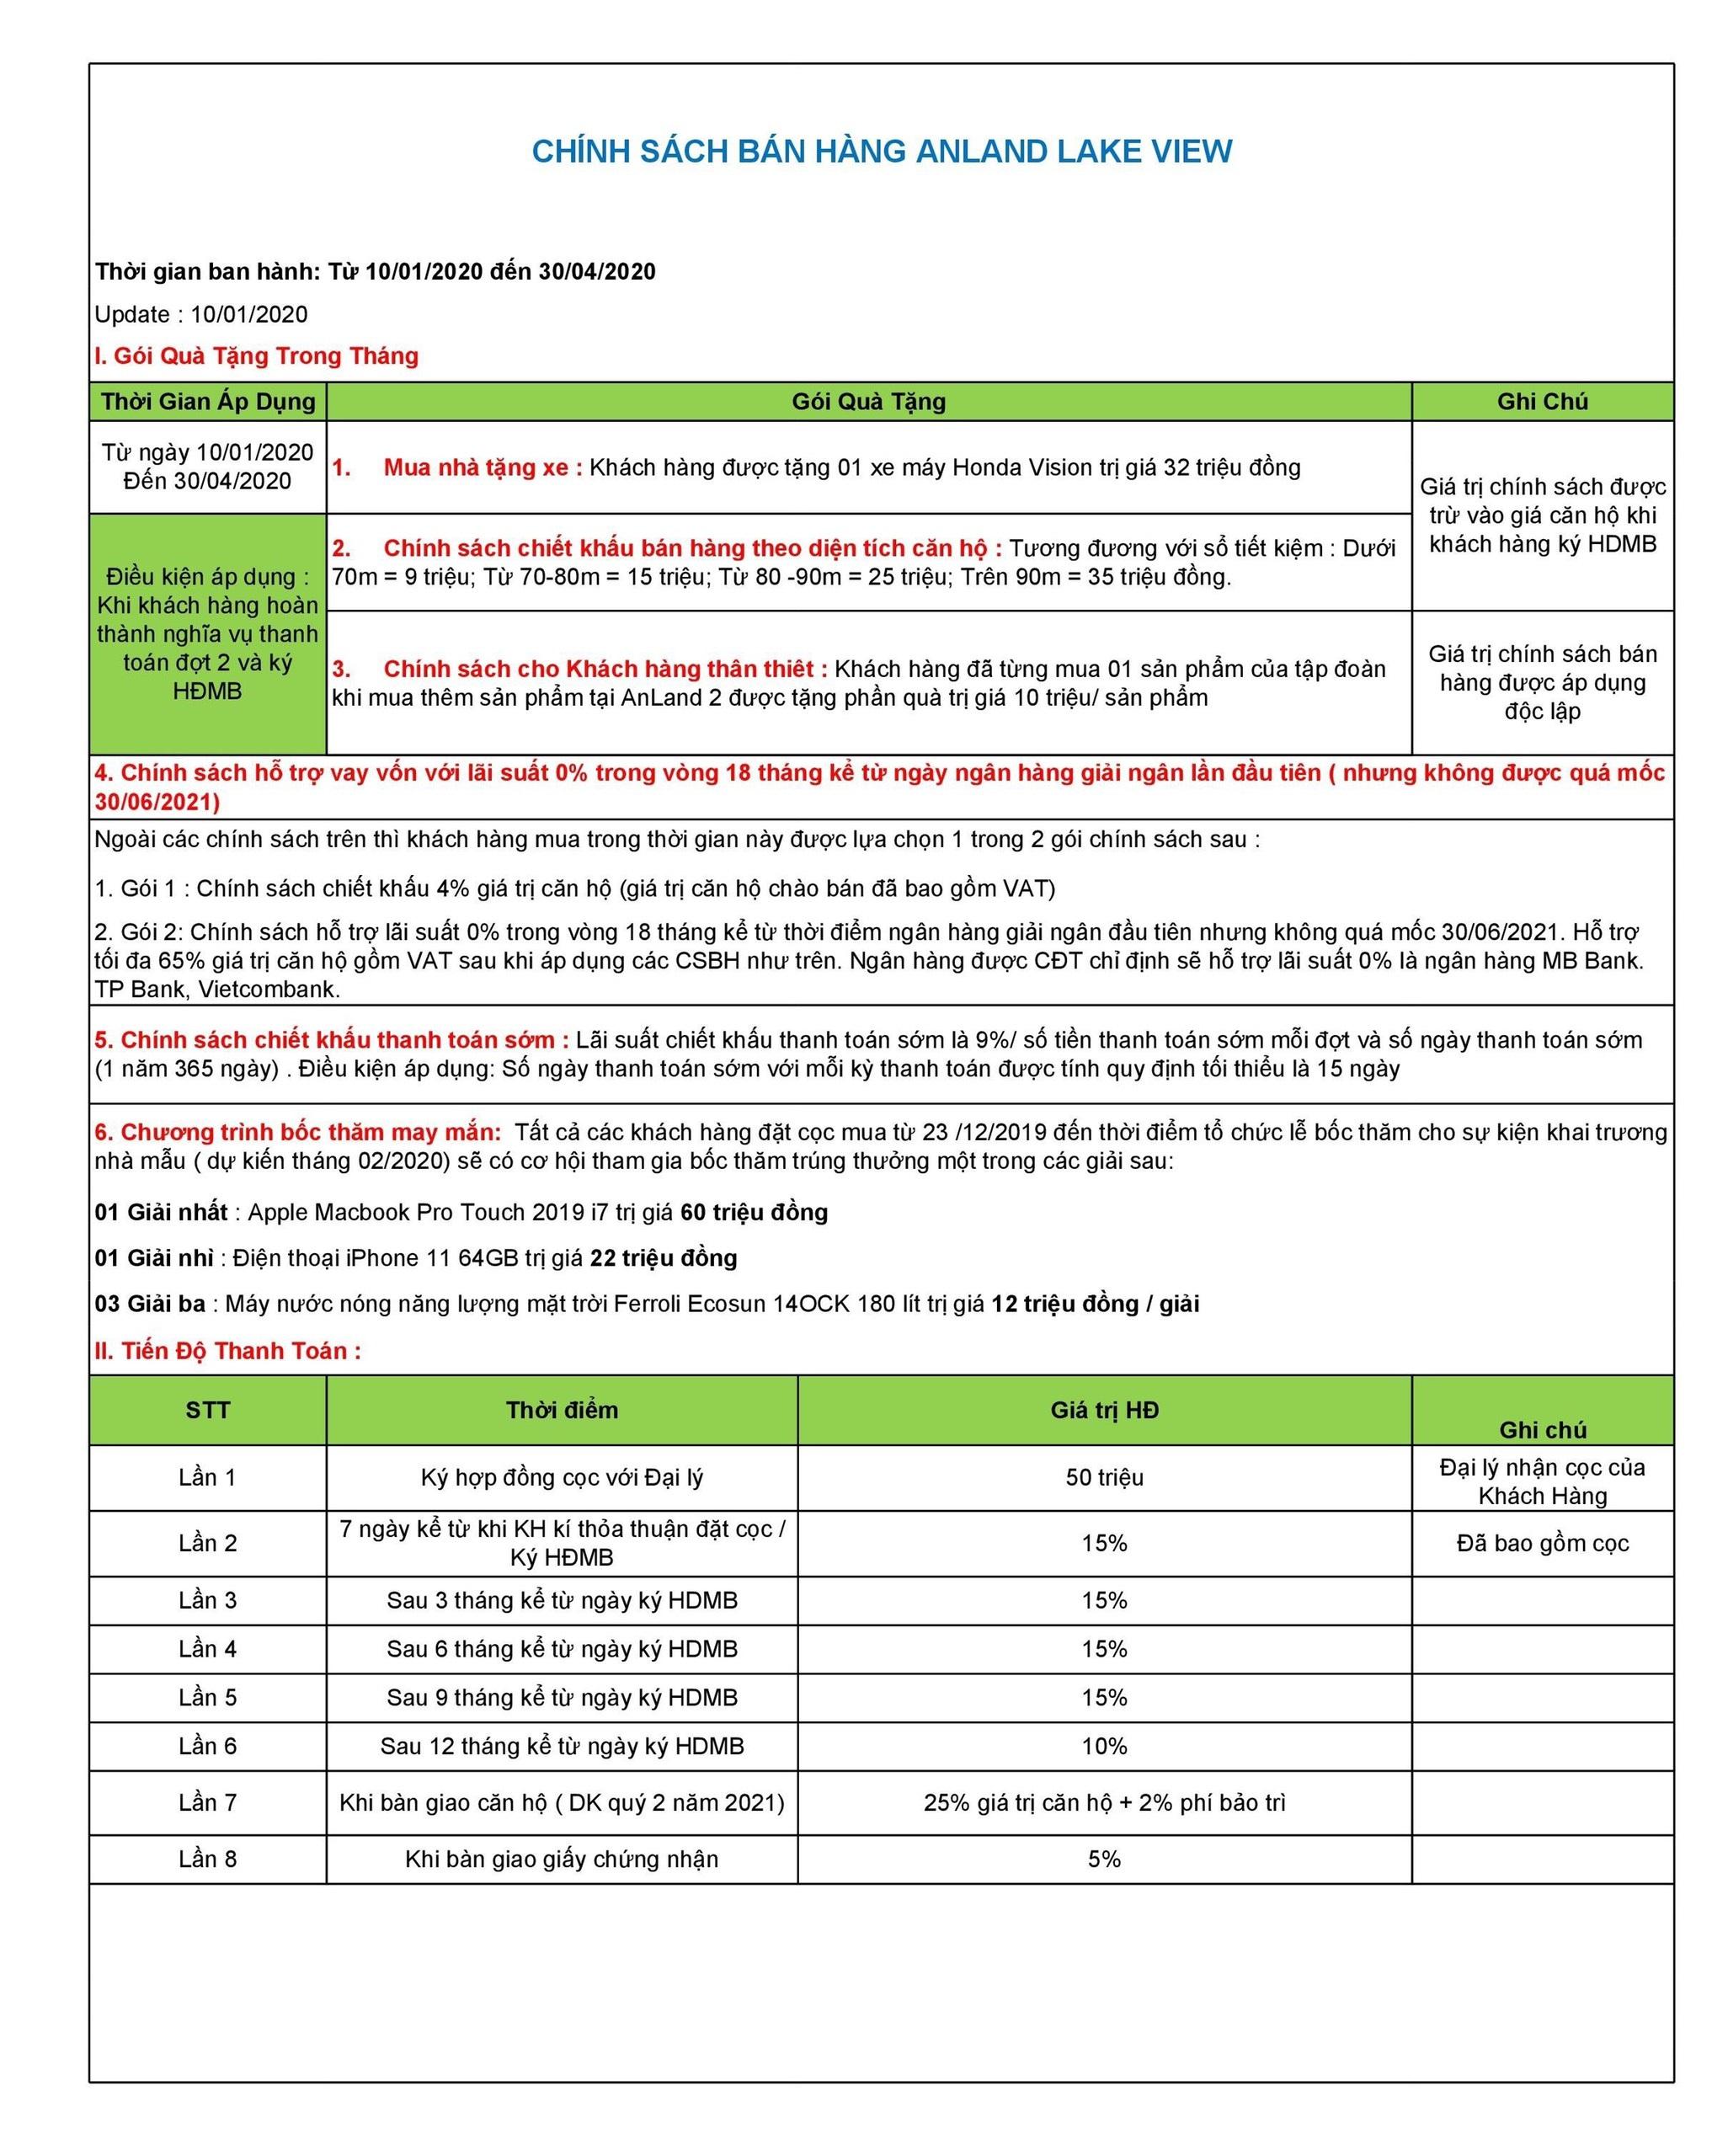 Chính sách bán hàng chung cư Anland Lakeview của tập đoàn Nam Cường